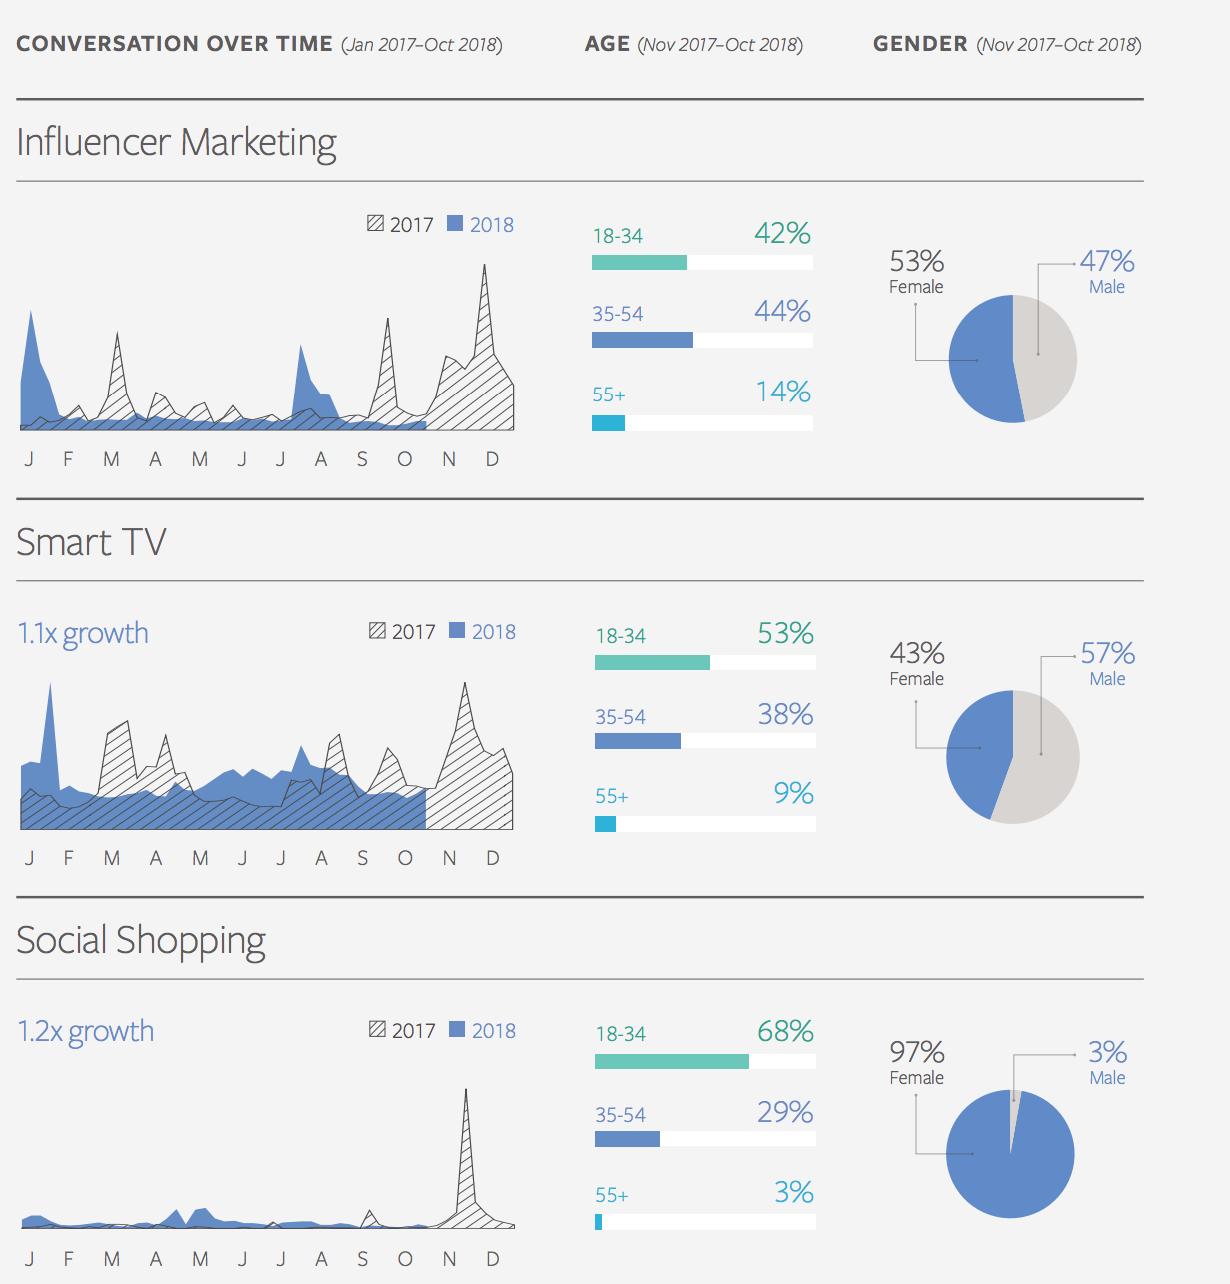 Тренды инфлюенс-маркетинга, шопинга в соцсетях и smart tv